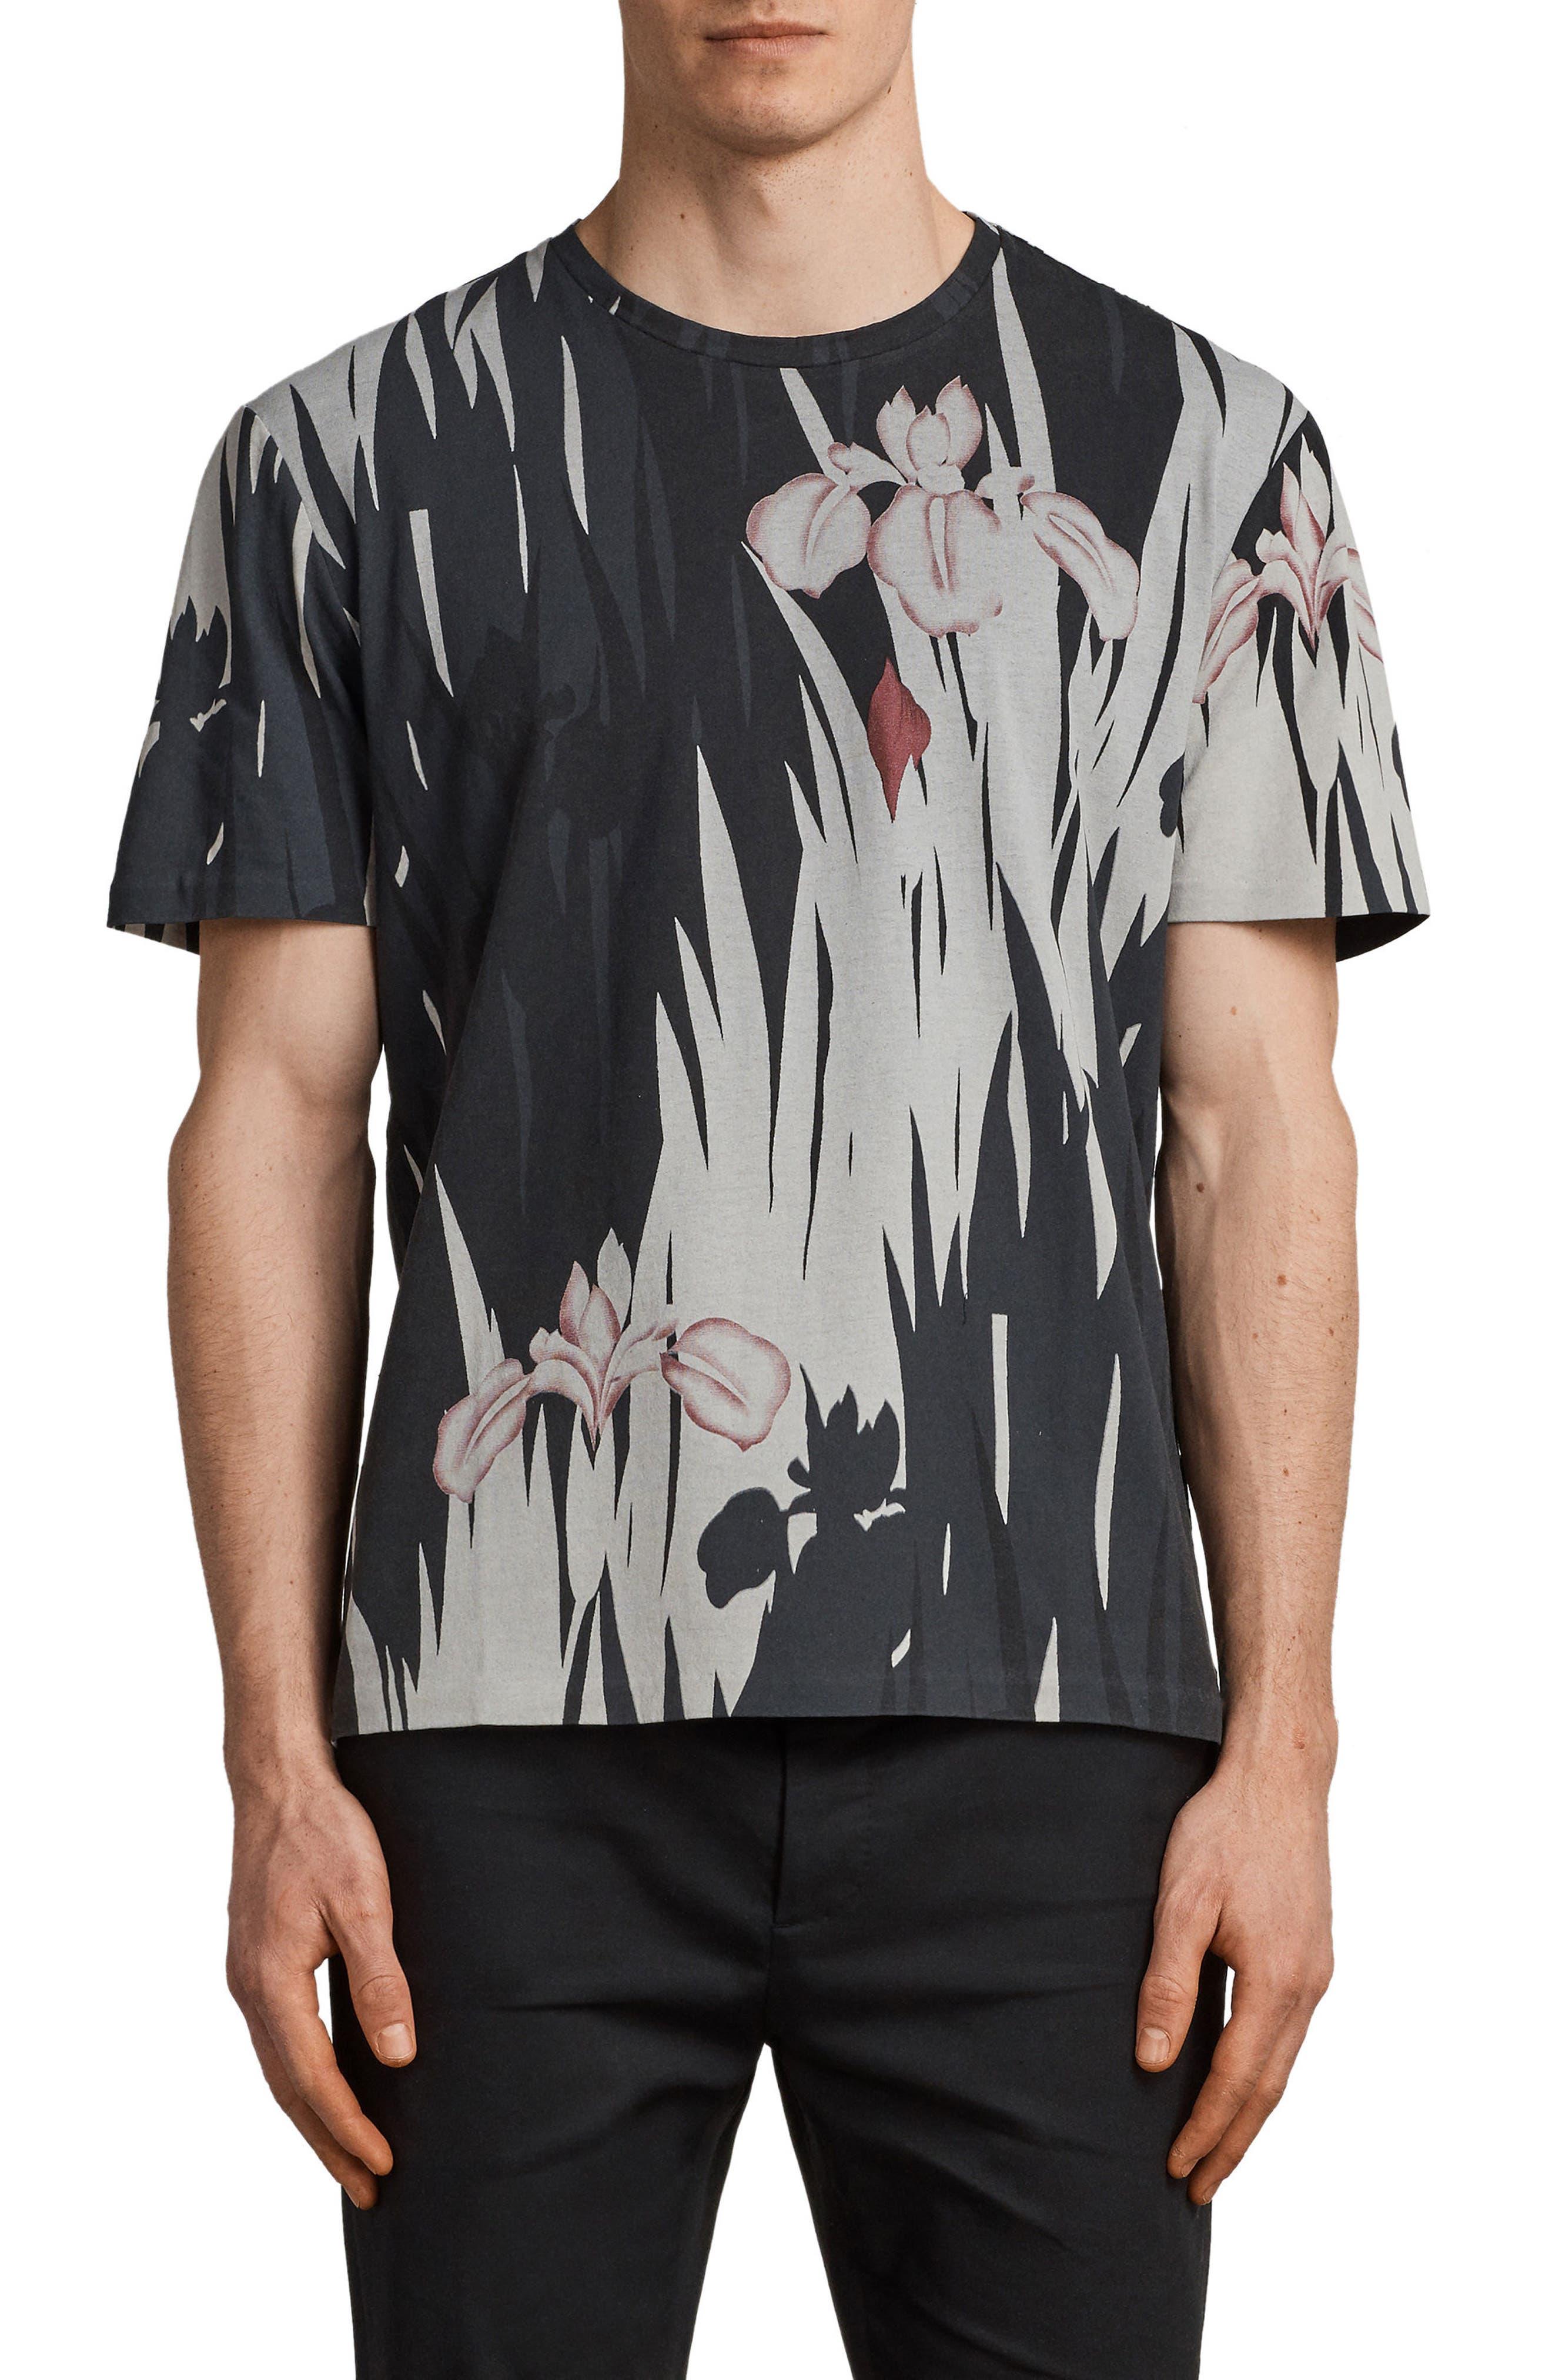 Nahiku Oversized Crewneck T-shirt,                         Main,                         color, 004